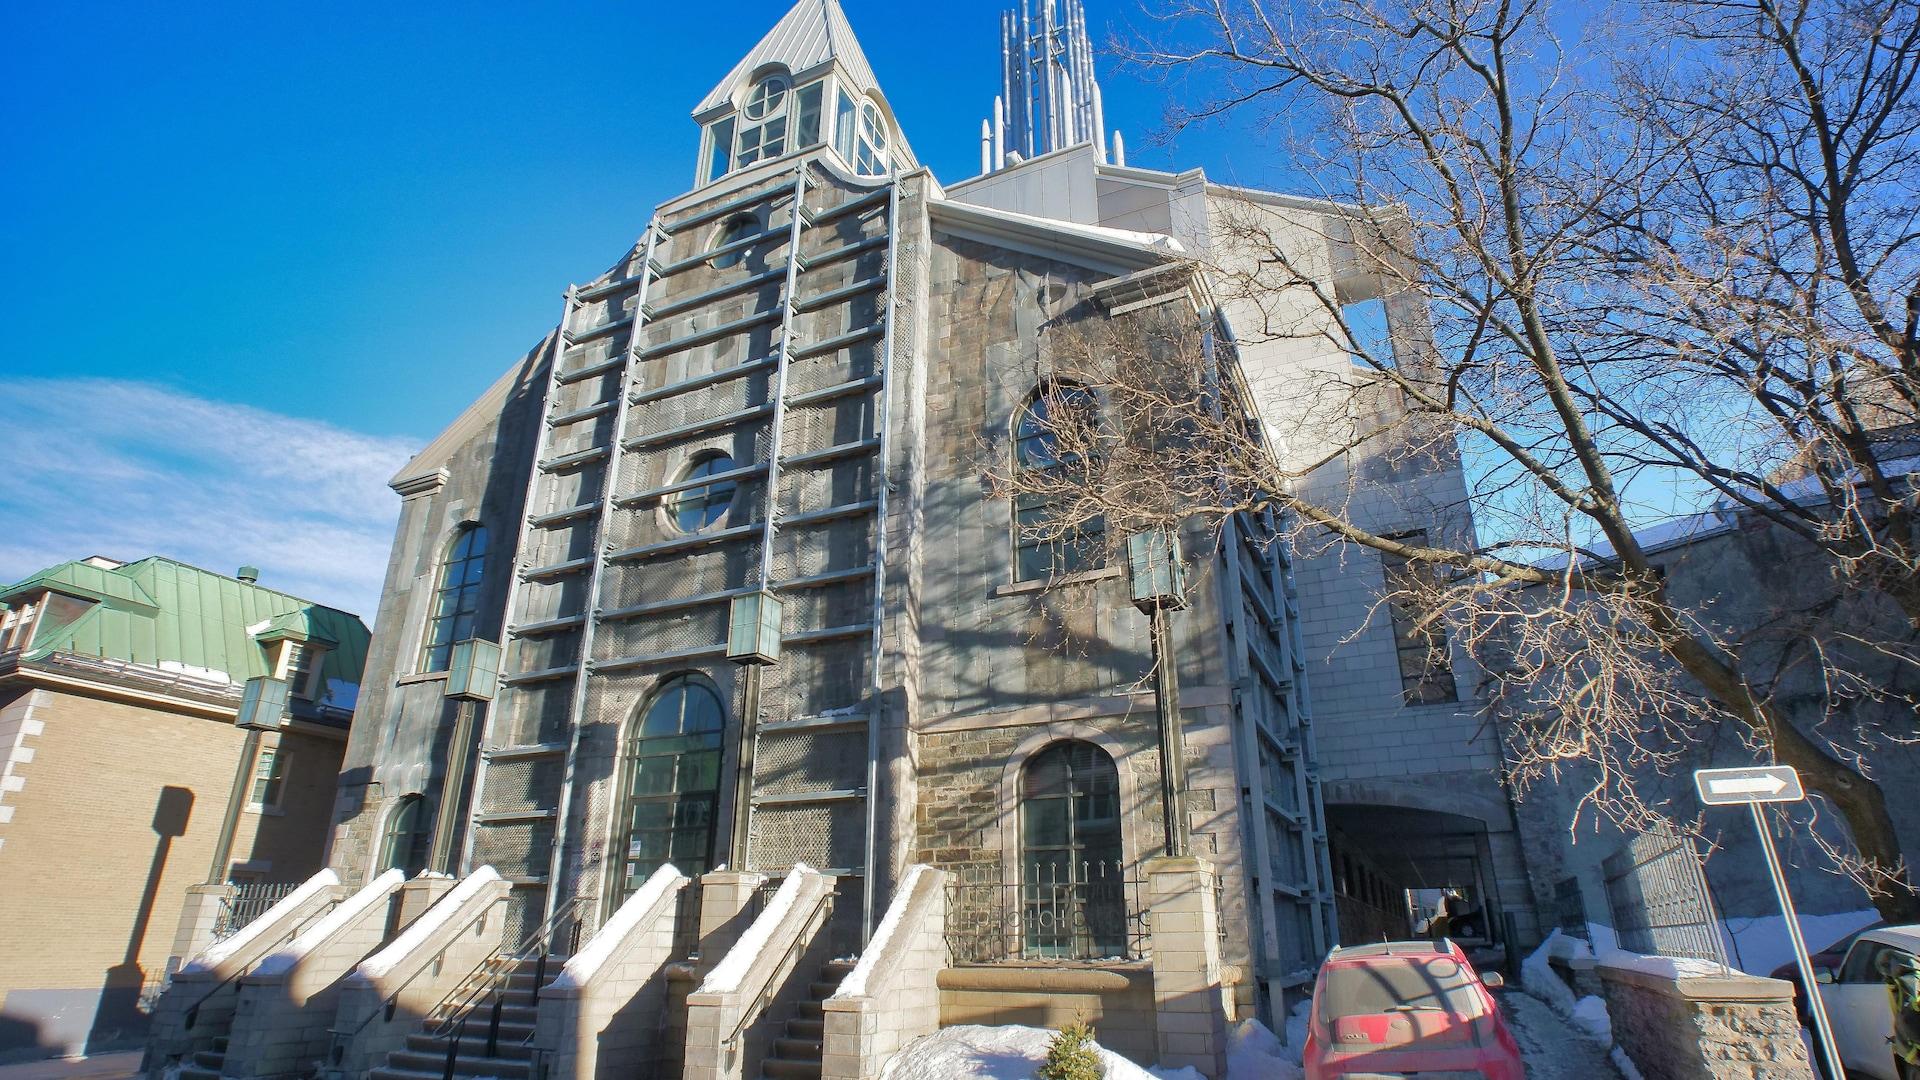 L'ancienne église Saint-Patrick abrite un laboratoire de recherche de l'Hôtel-Dieu aujourd'hui.